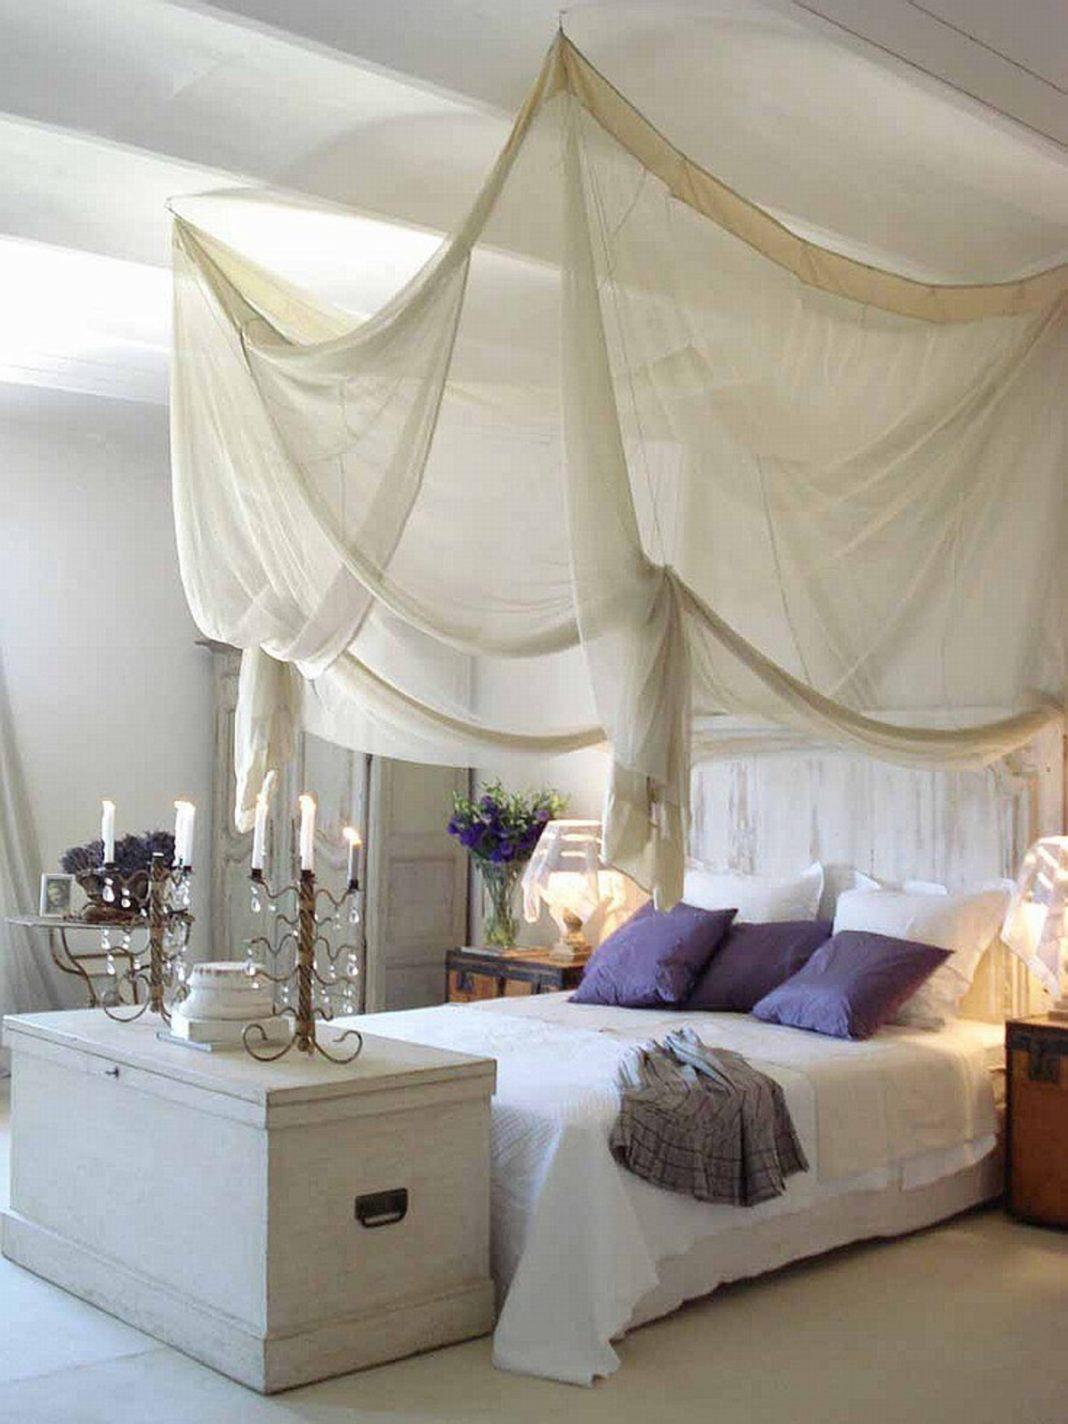 dormitorio para el verano- dormitorio shabby chics